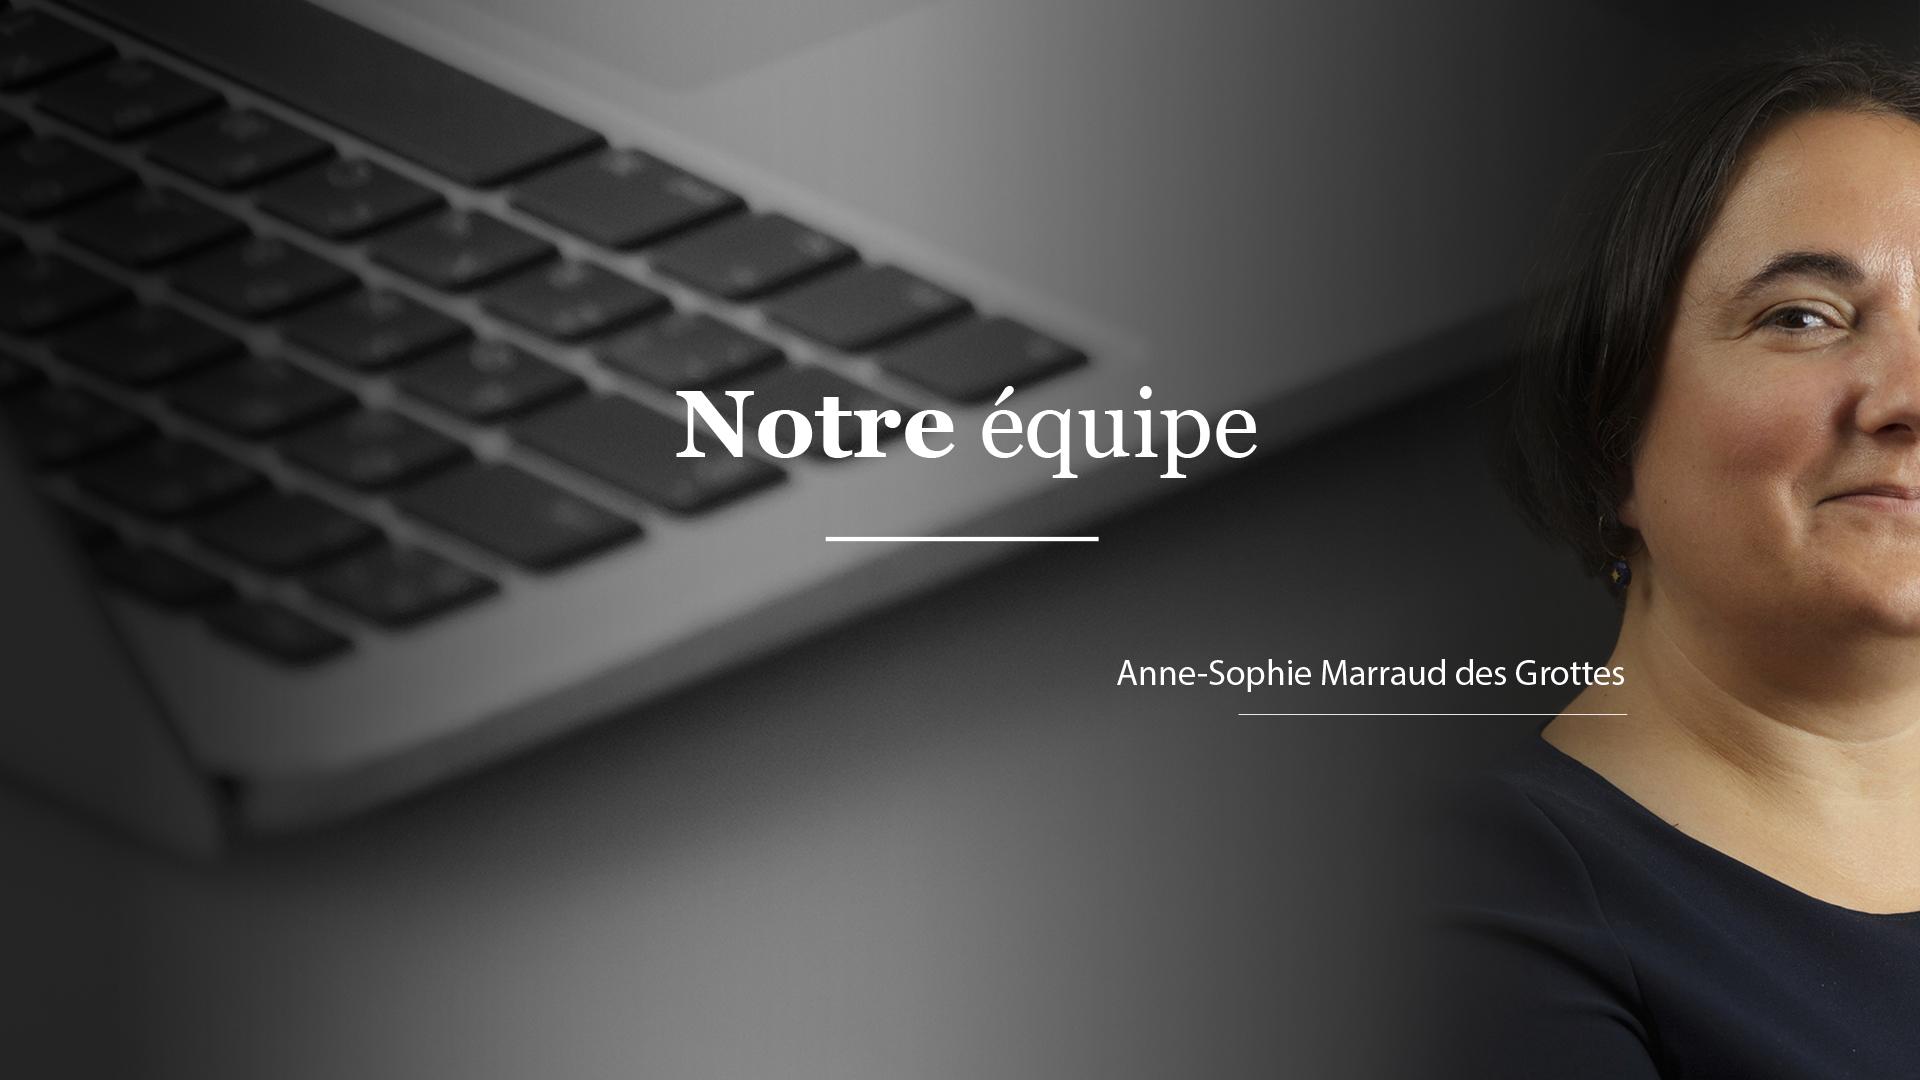 Anne-Sophie Marraud des grottes